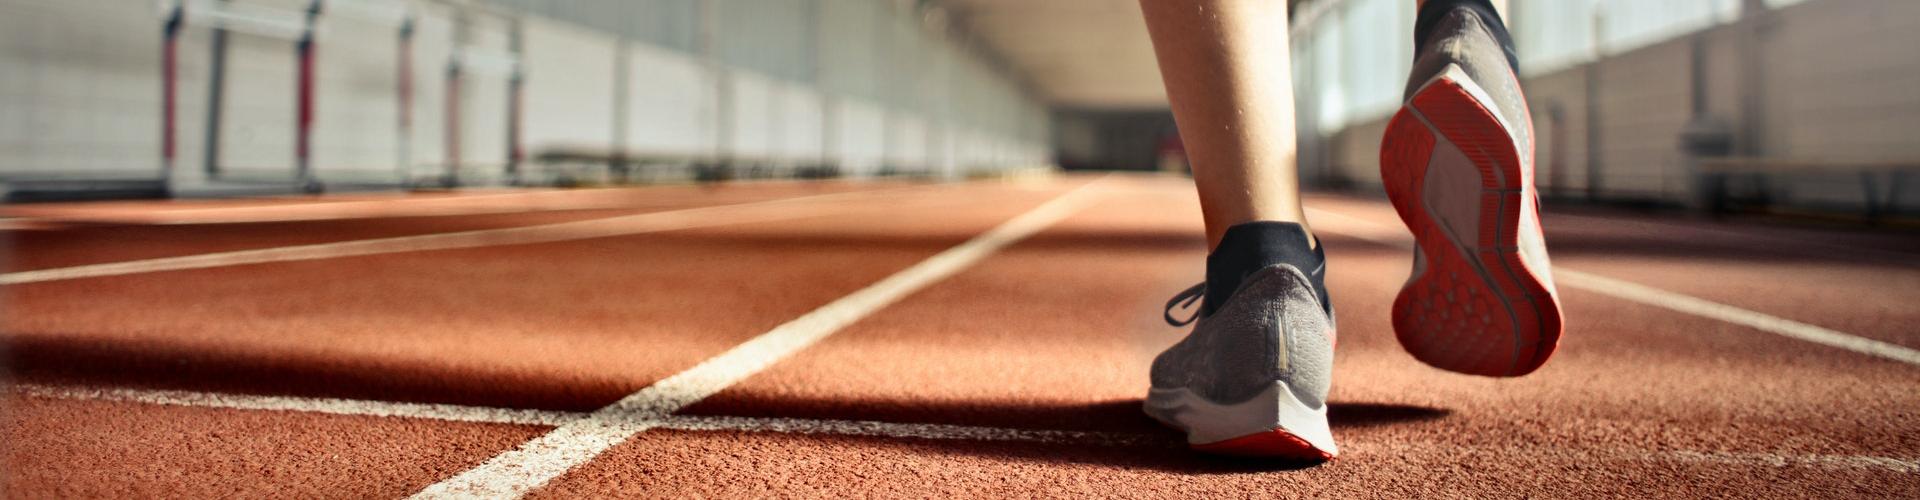 runner's feet representing commitment